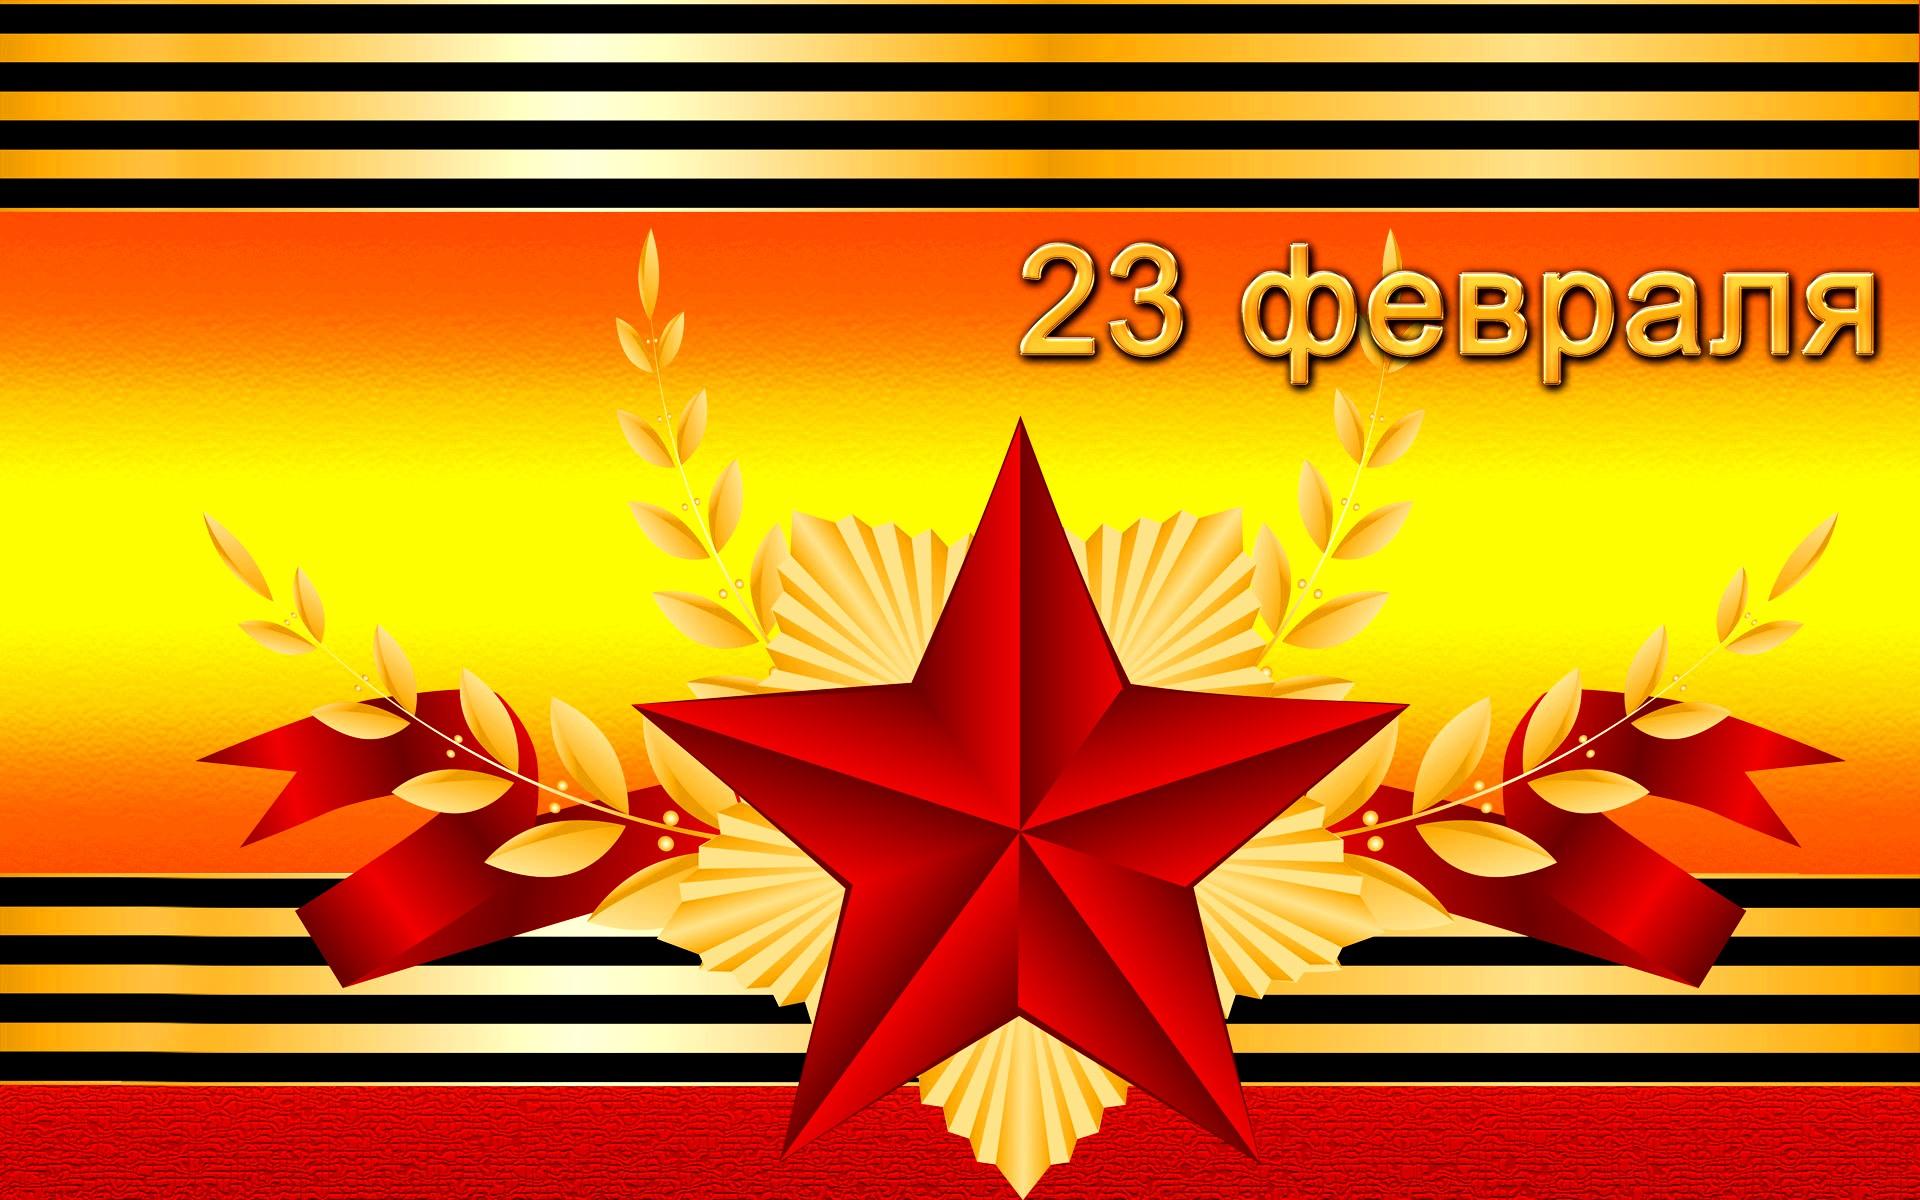 ❶23 февраля день праздник|Тост с 23 февраля||Мужской праздник защитника Отечества (День Советской Армии) 23 февраля!|}